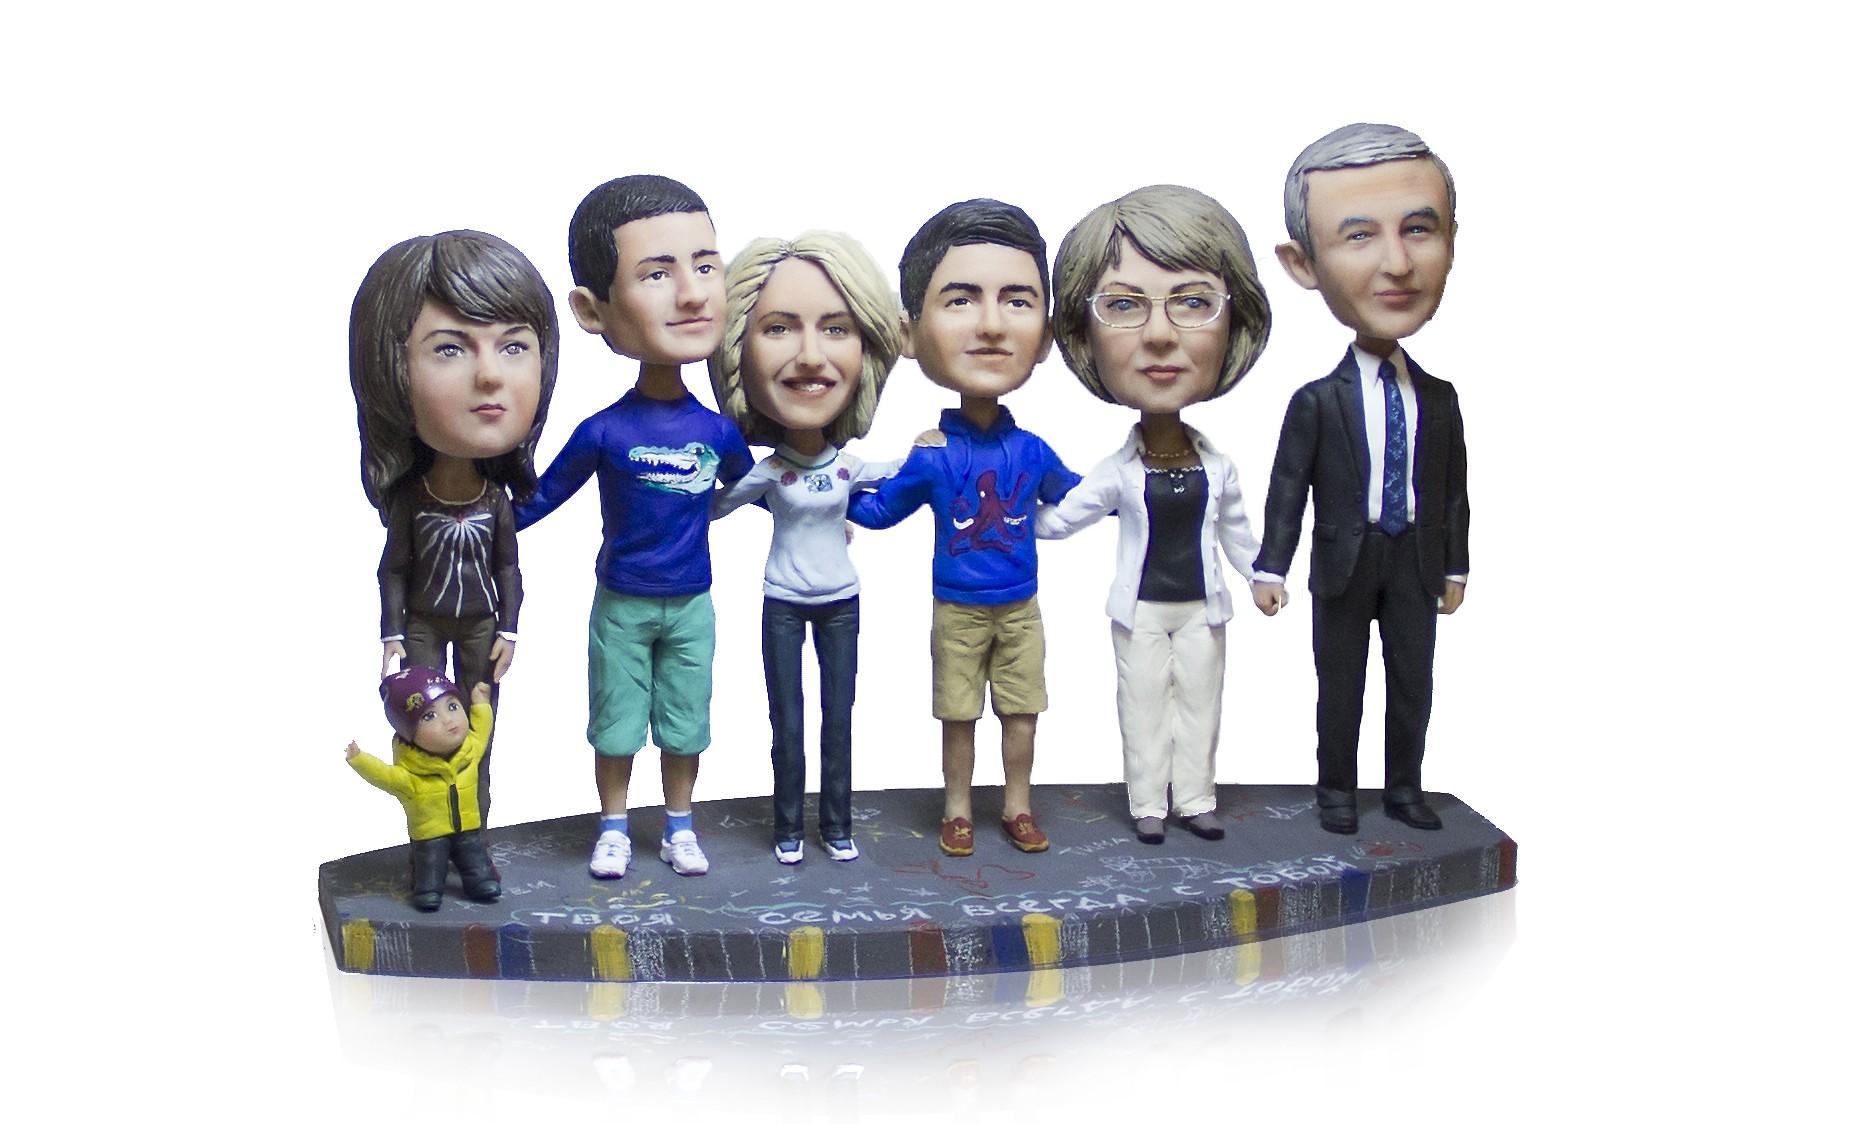 Семейный скульптура по фото на 7 человек Большая семейка